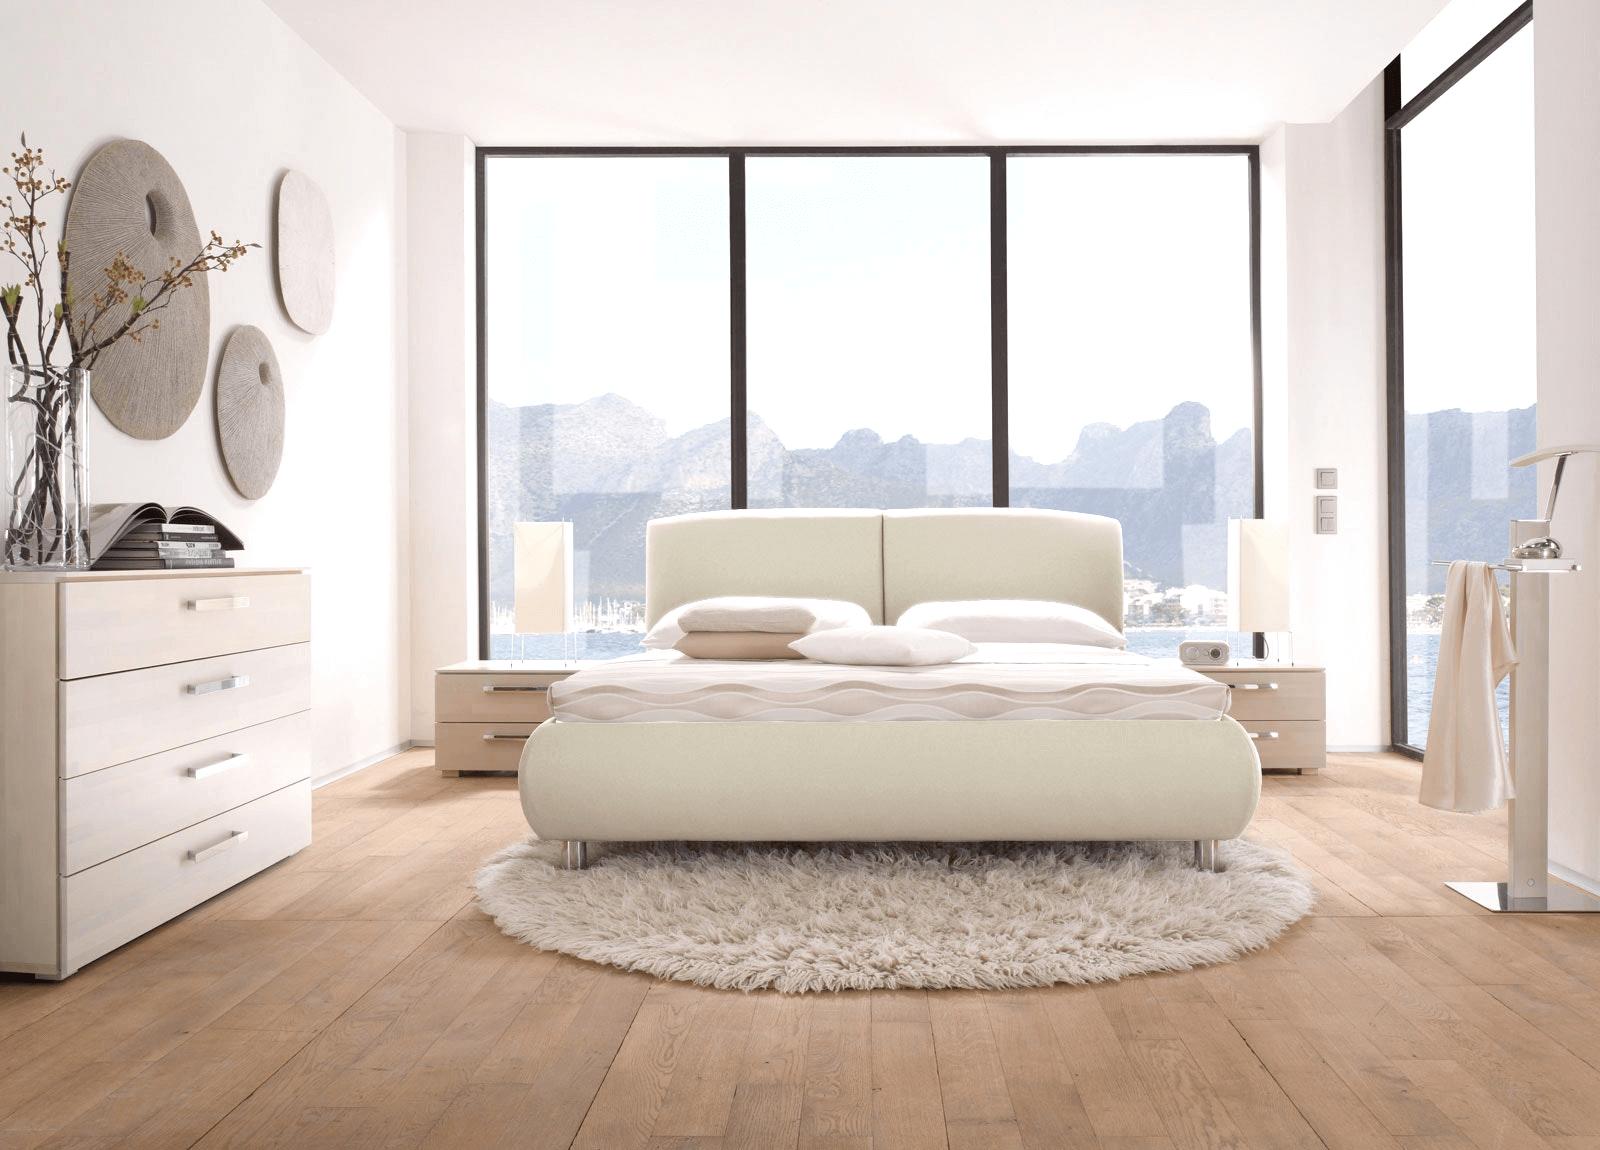 Schon Schlafzimmer Deko Modern